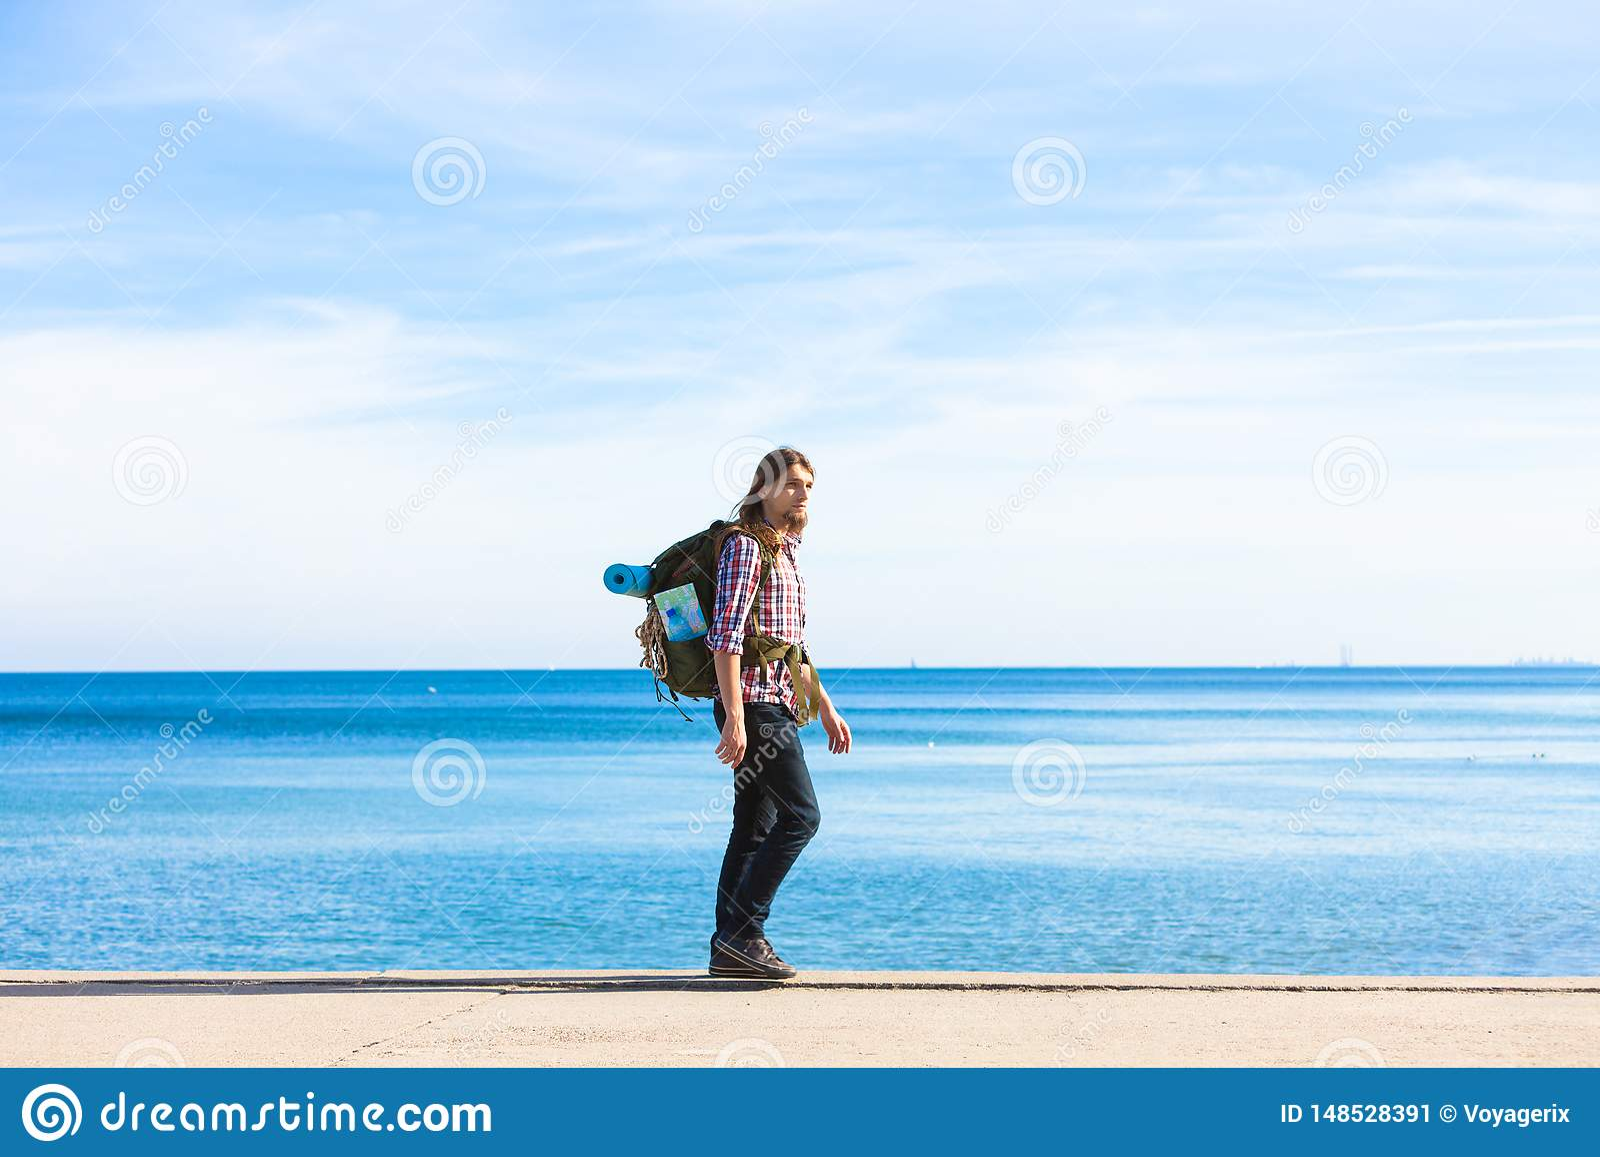 有流浪由海边的背包的人徒步旅行者